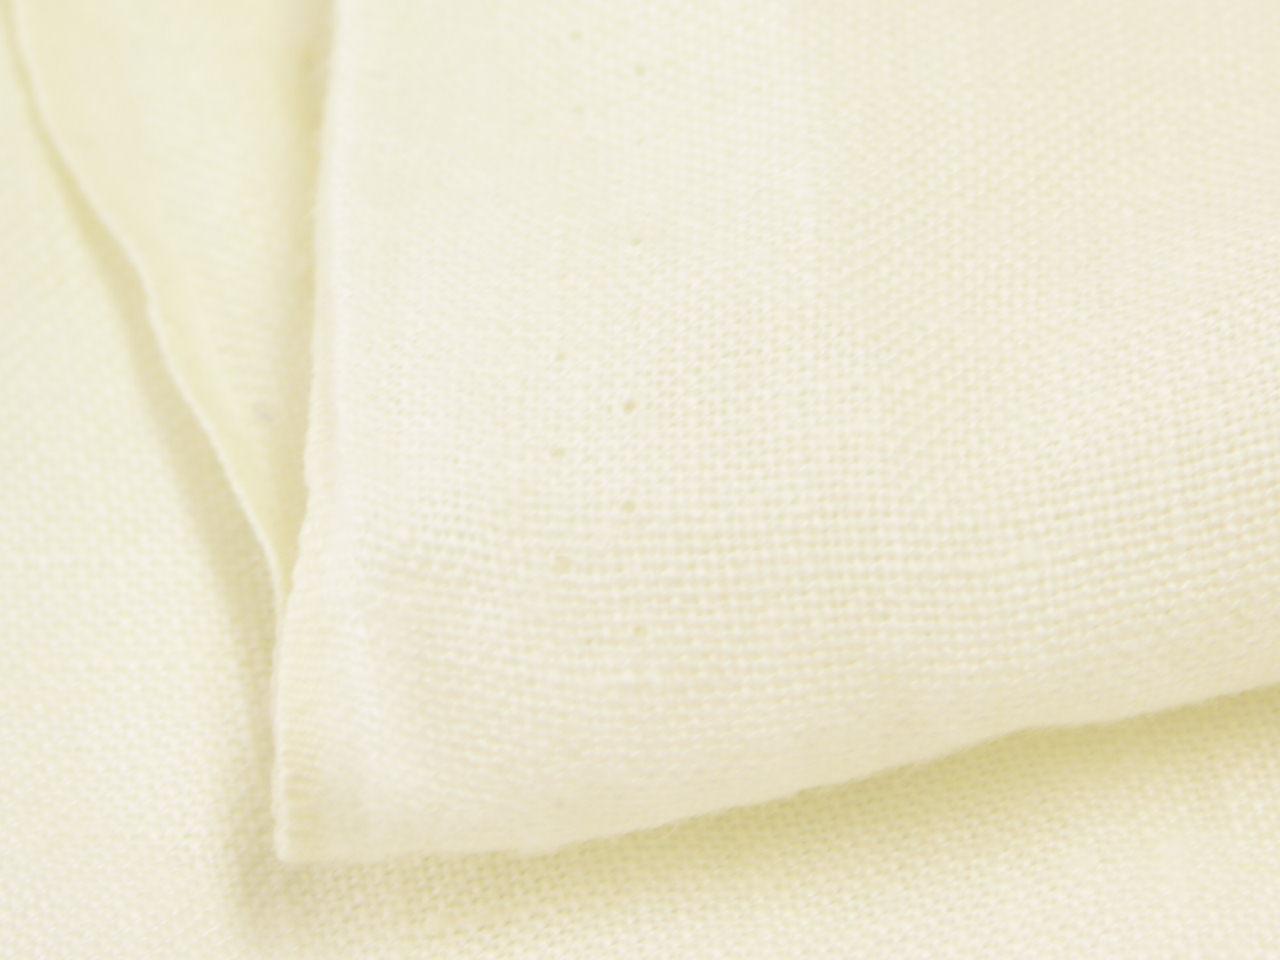 画像: シャトル織リネン43番手オフ白中厚地ソフト仕上2Mパック【特別パック】